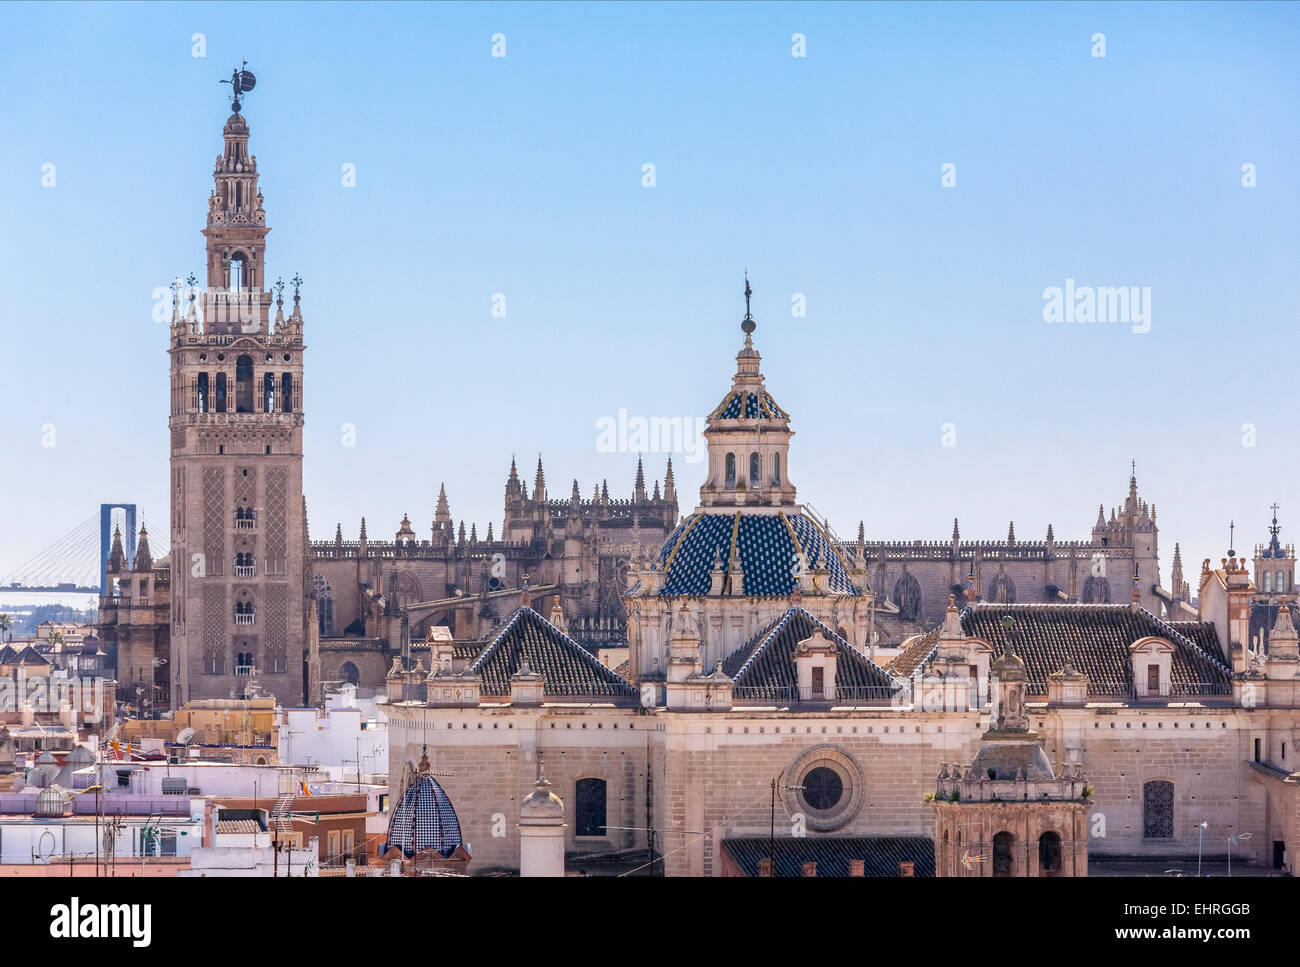 Séville Espagne skyline avec la tour Giralda Cathédrale Église El Salvador et le pont vu de la Metropol Photo Stock